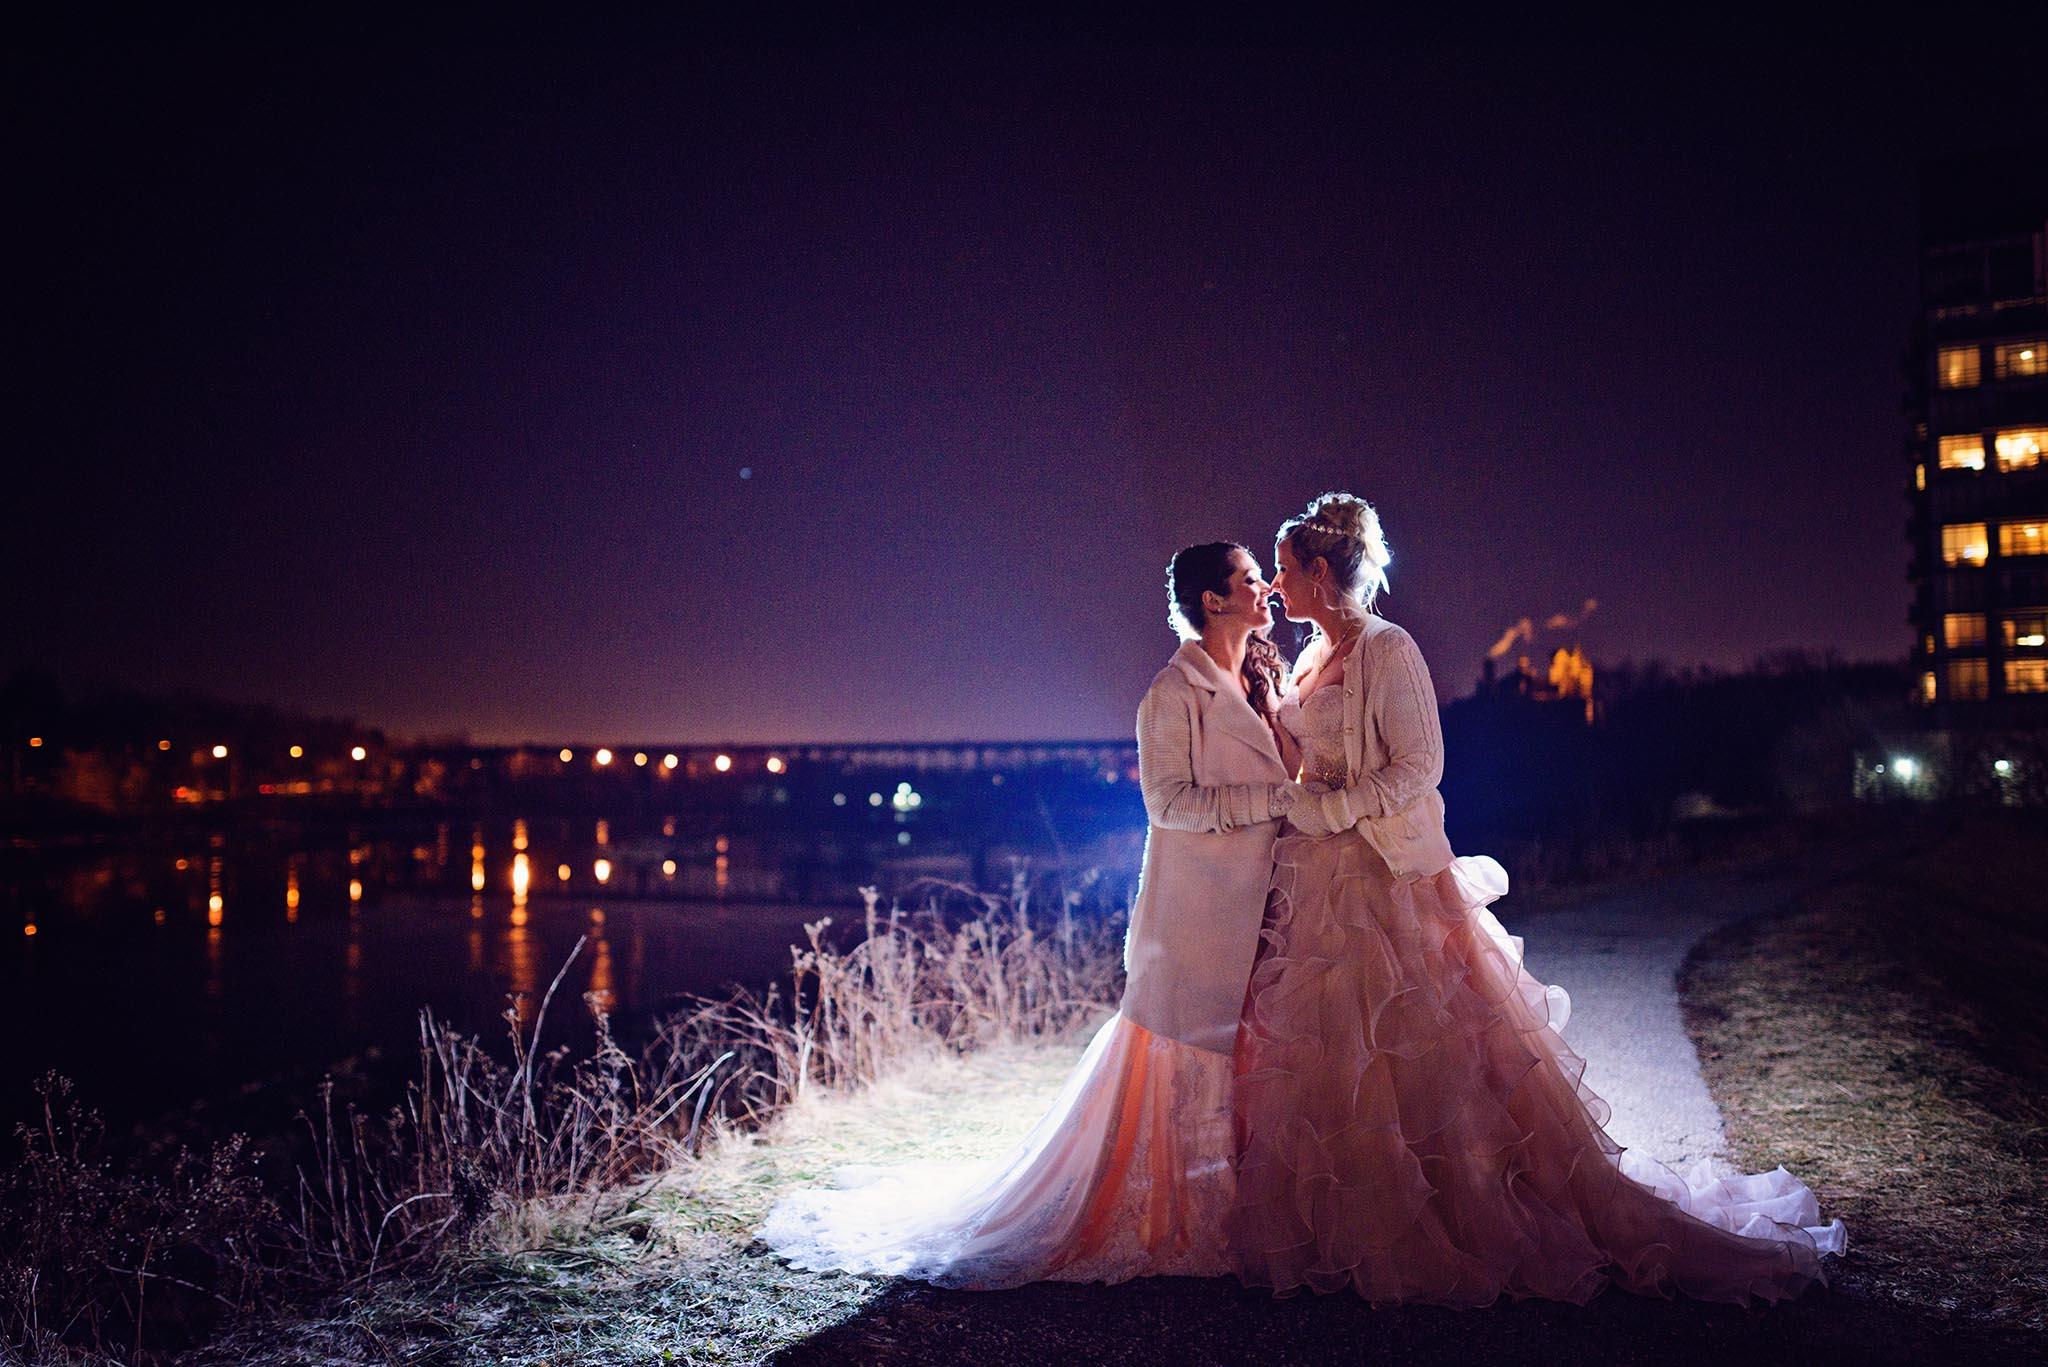 Peter-Bendevis-Photography-Kris-Laura-Cambridge-Mill-Winter-Wedding24